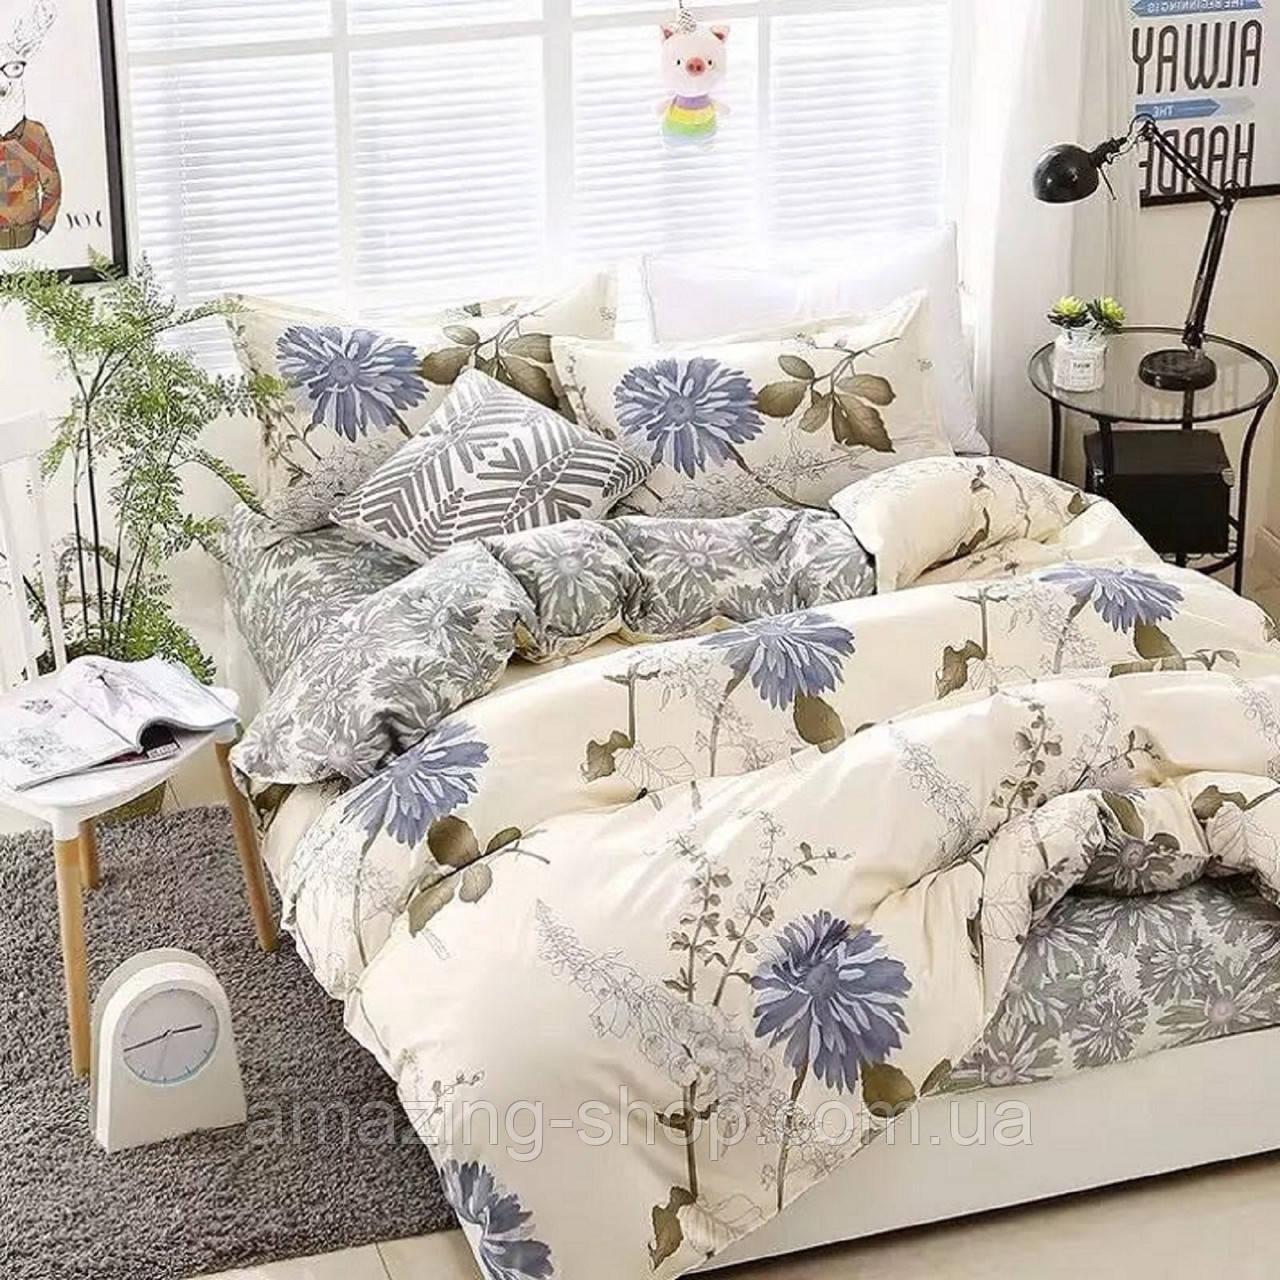 Качественное постельное белье Бязь Gold Размер двуспальный 180х215 Качественное постельное белье